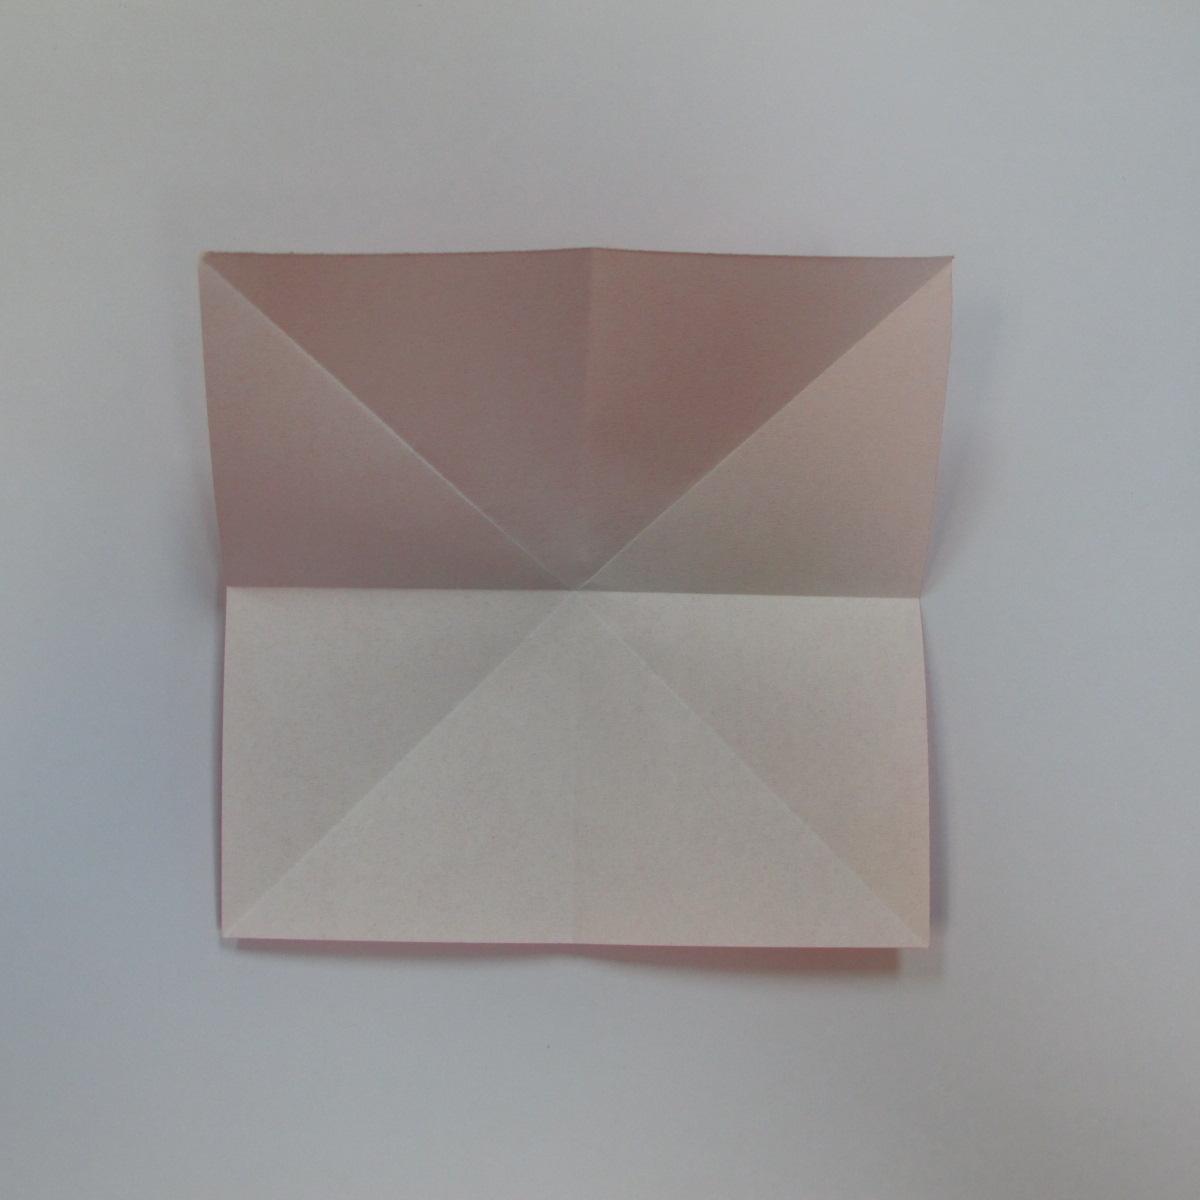 วิธีการพับกระดาษเป็นดาวหกแฉกแบบโมดูล่า 002